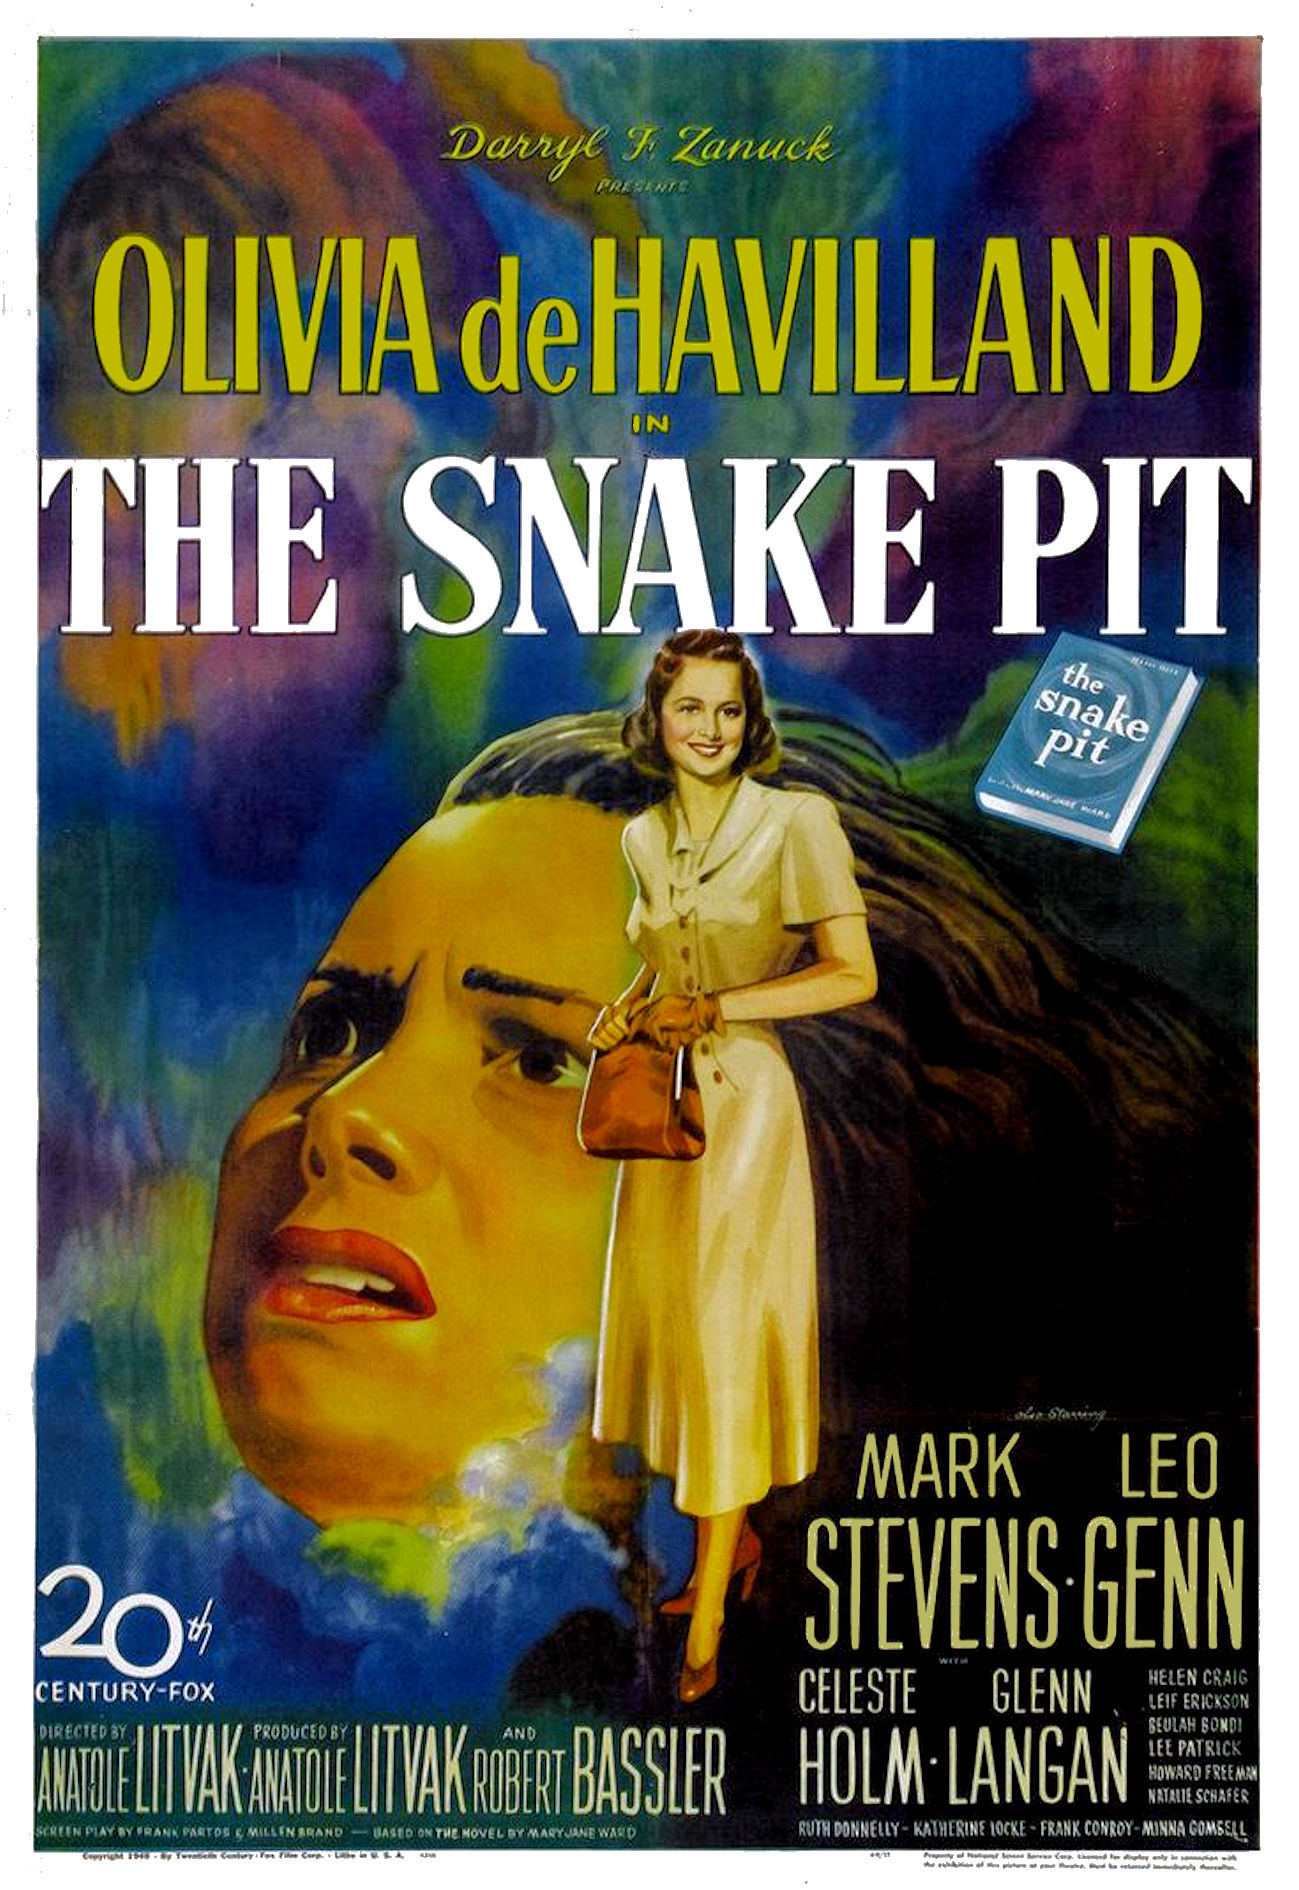 The Snake Pit kapak